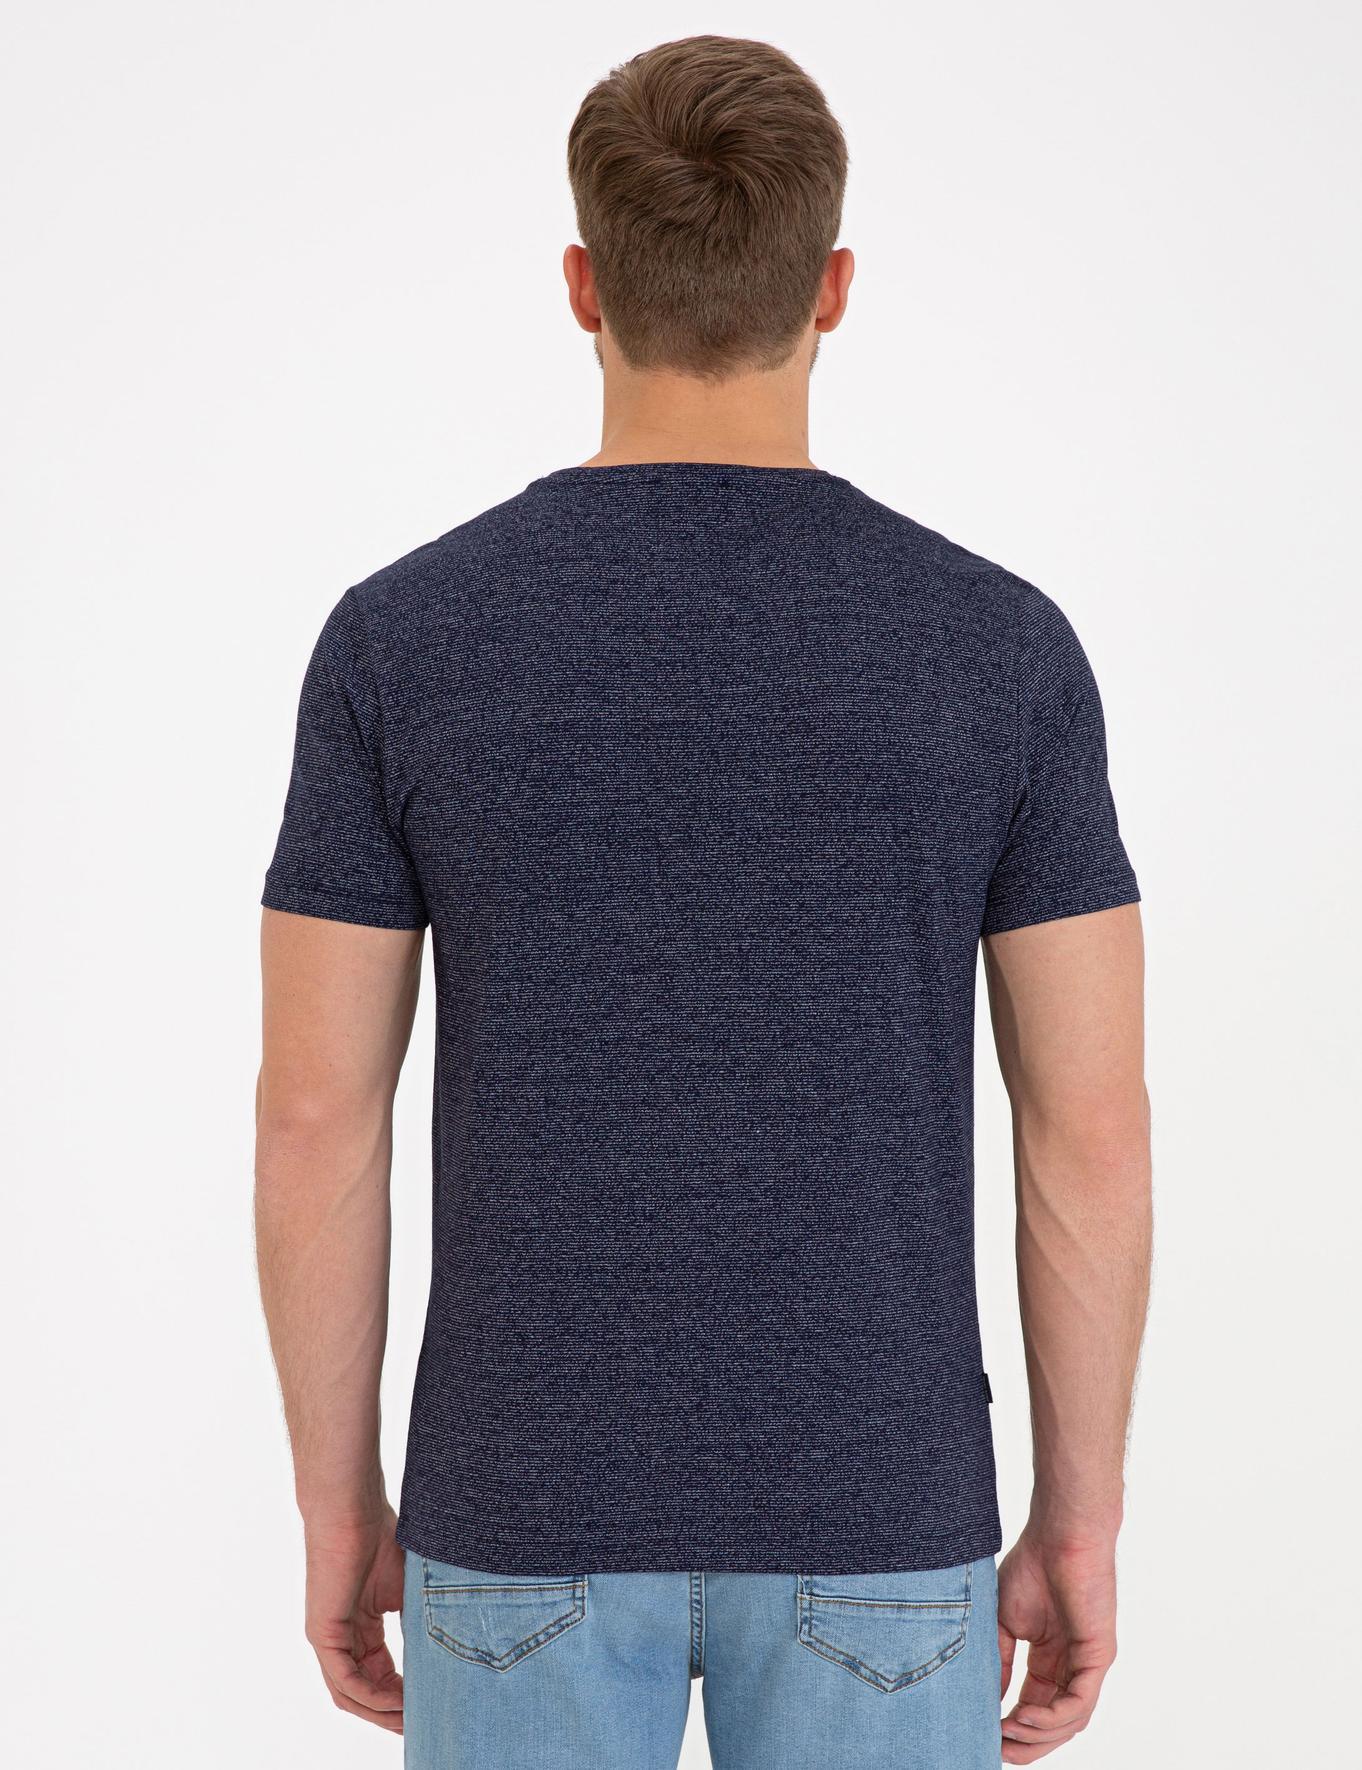 Lacivert Slim Fit V Yaka T-Shirt